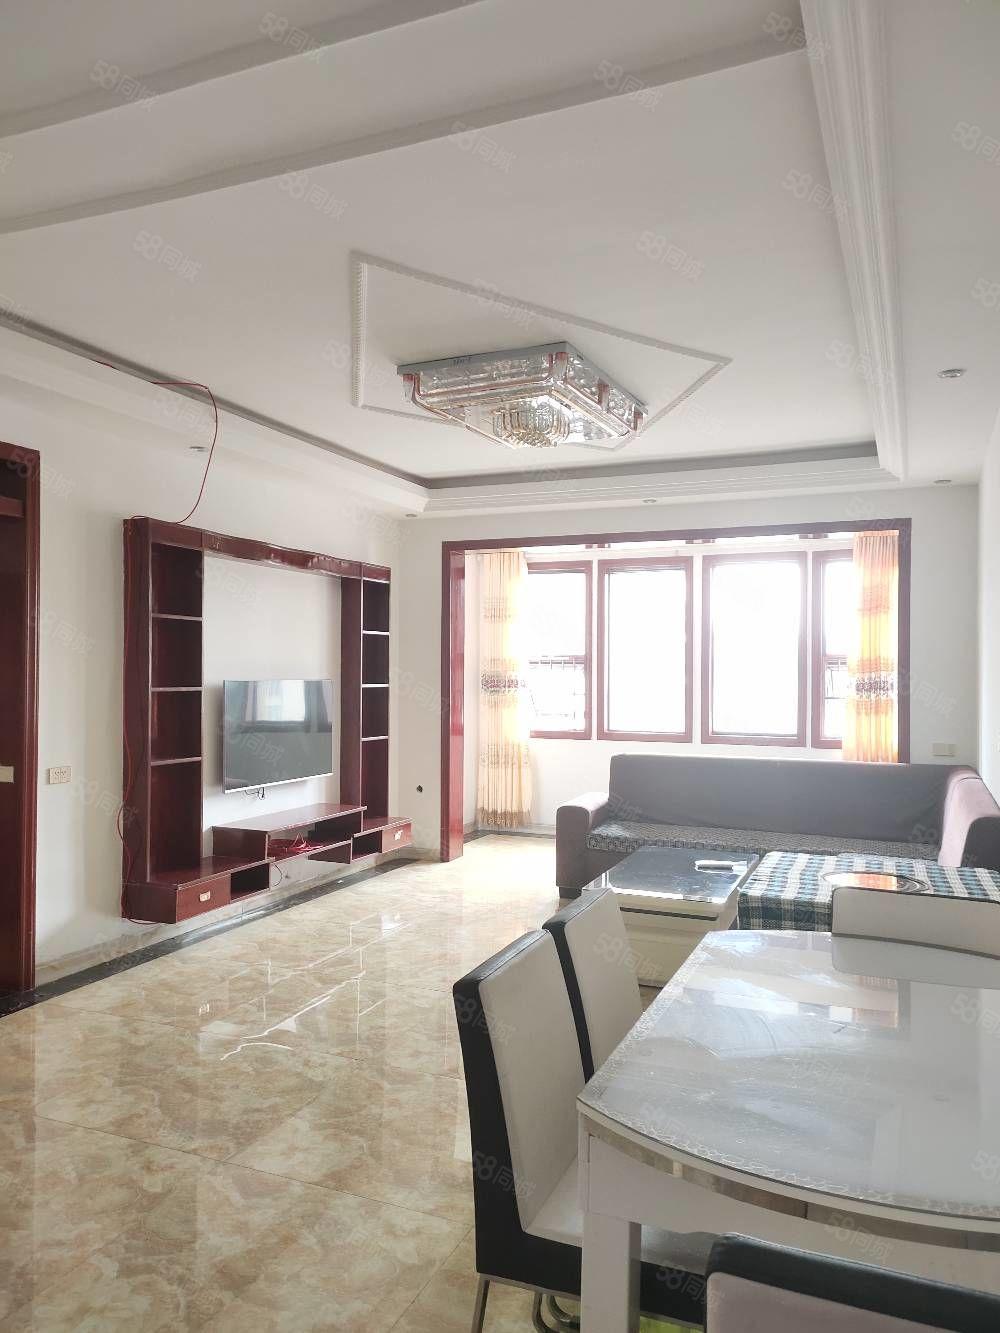 蟠龙中装修三室两厅住房出租,家电齐全拎包入住。